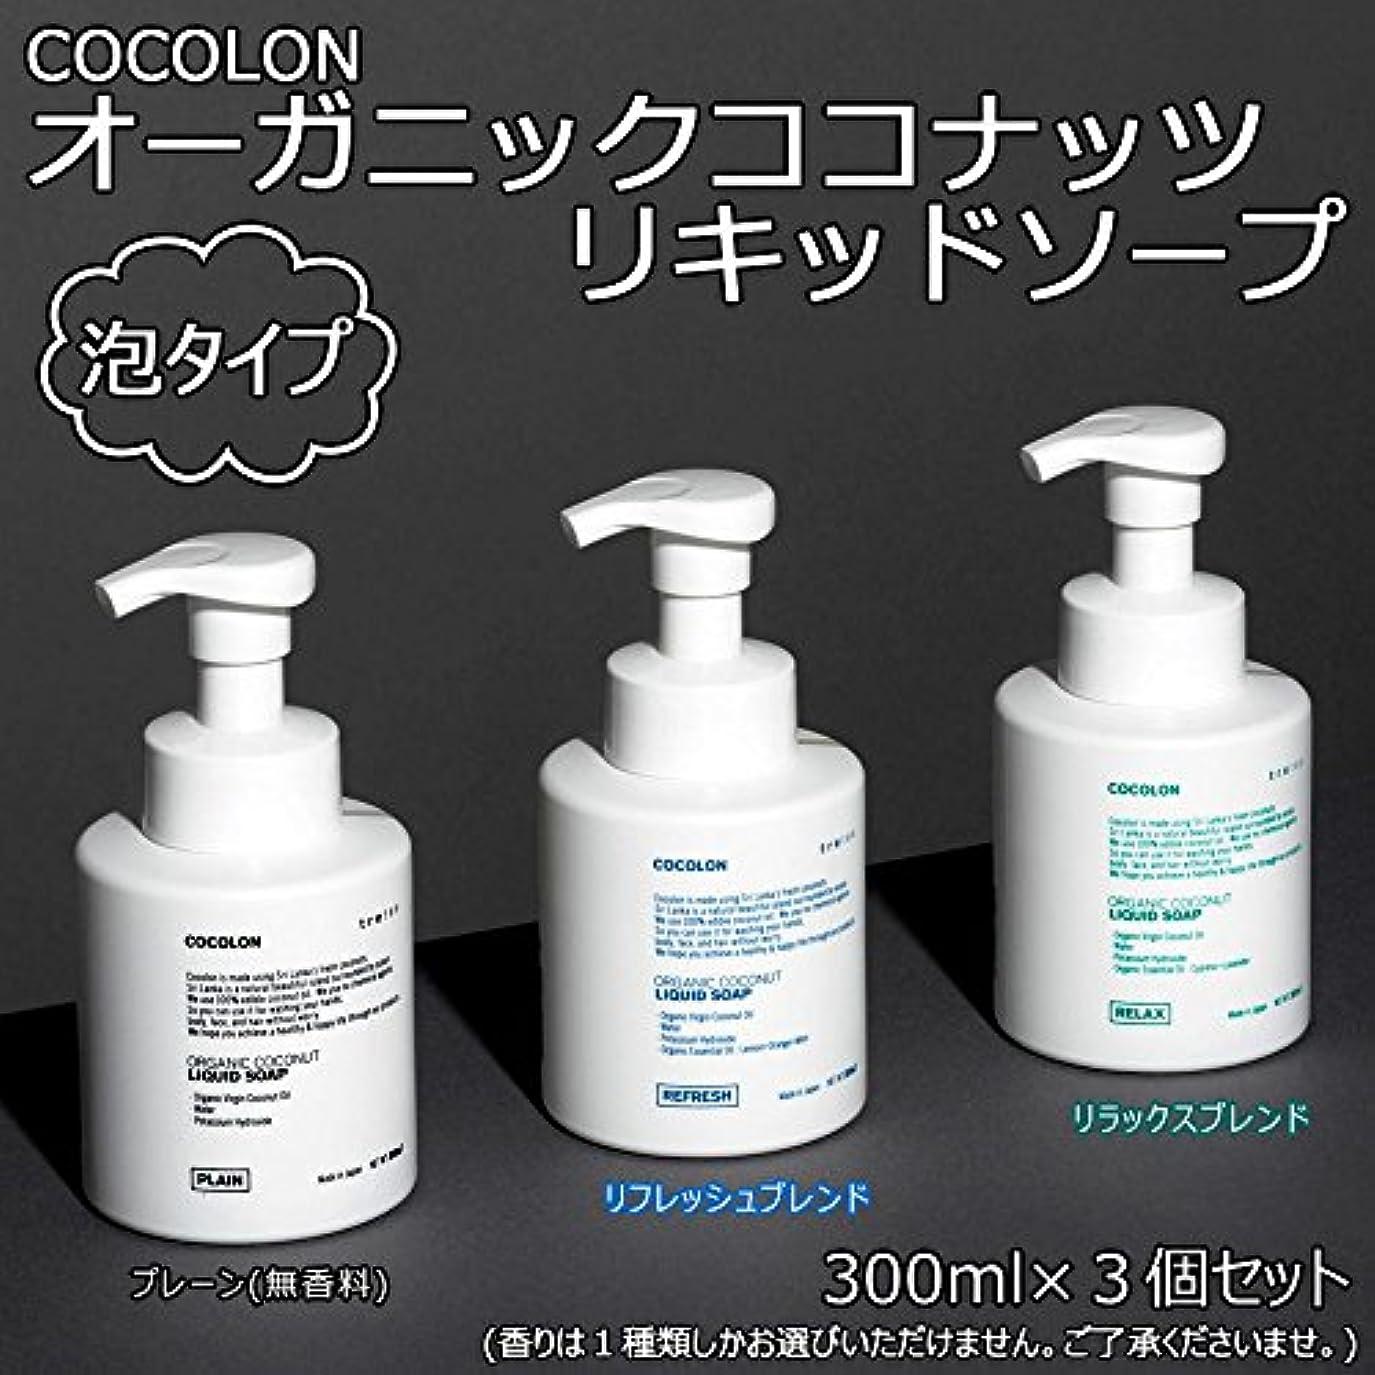 横ミュウミュウデコラティブCOCOLON ココロン オーガニックココナッツリキッドソープ 泡タイプ 300ml 3個セット リフレッシュブレンド